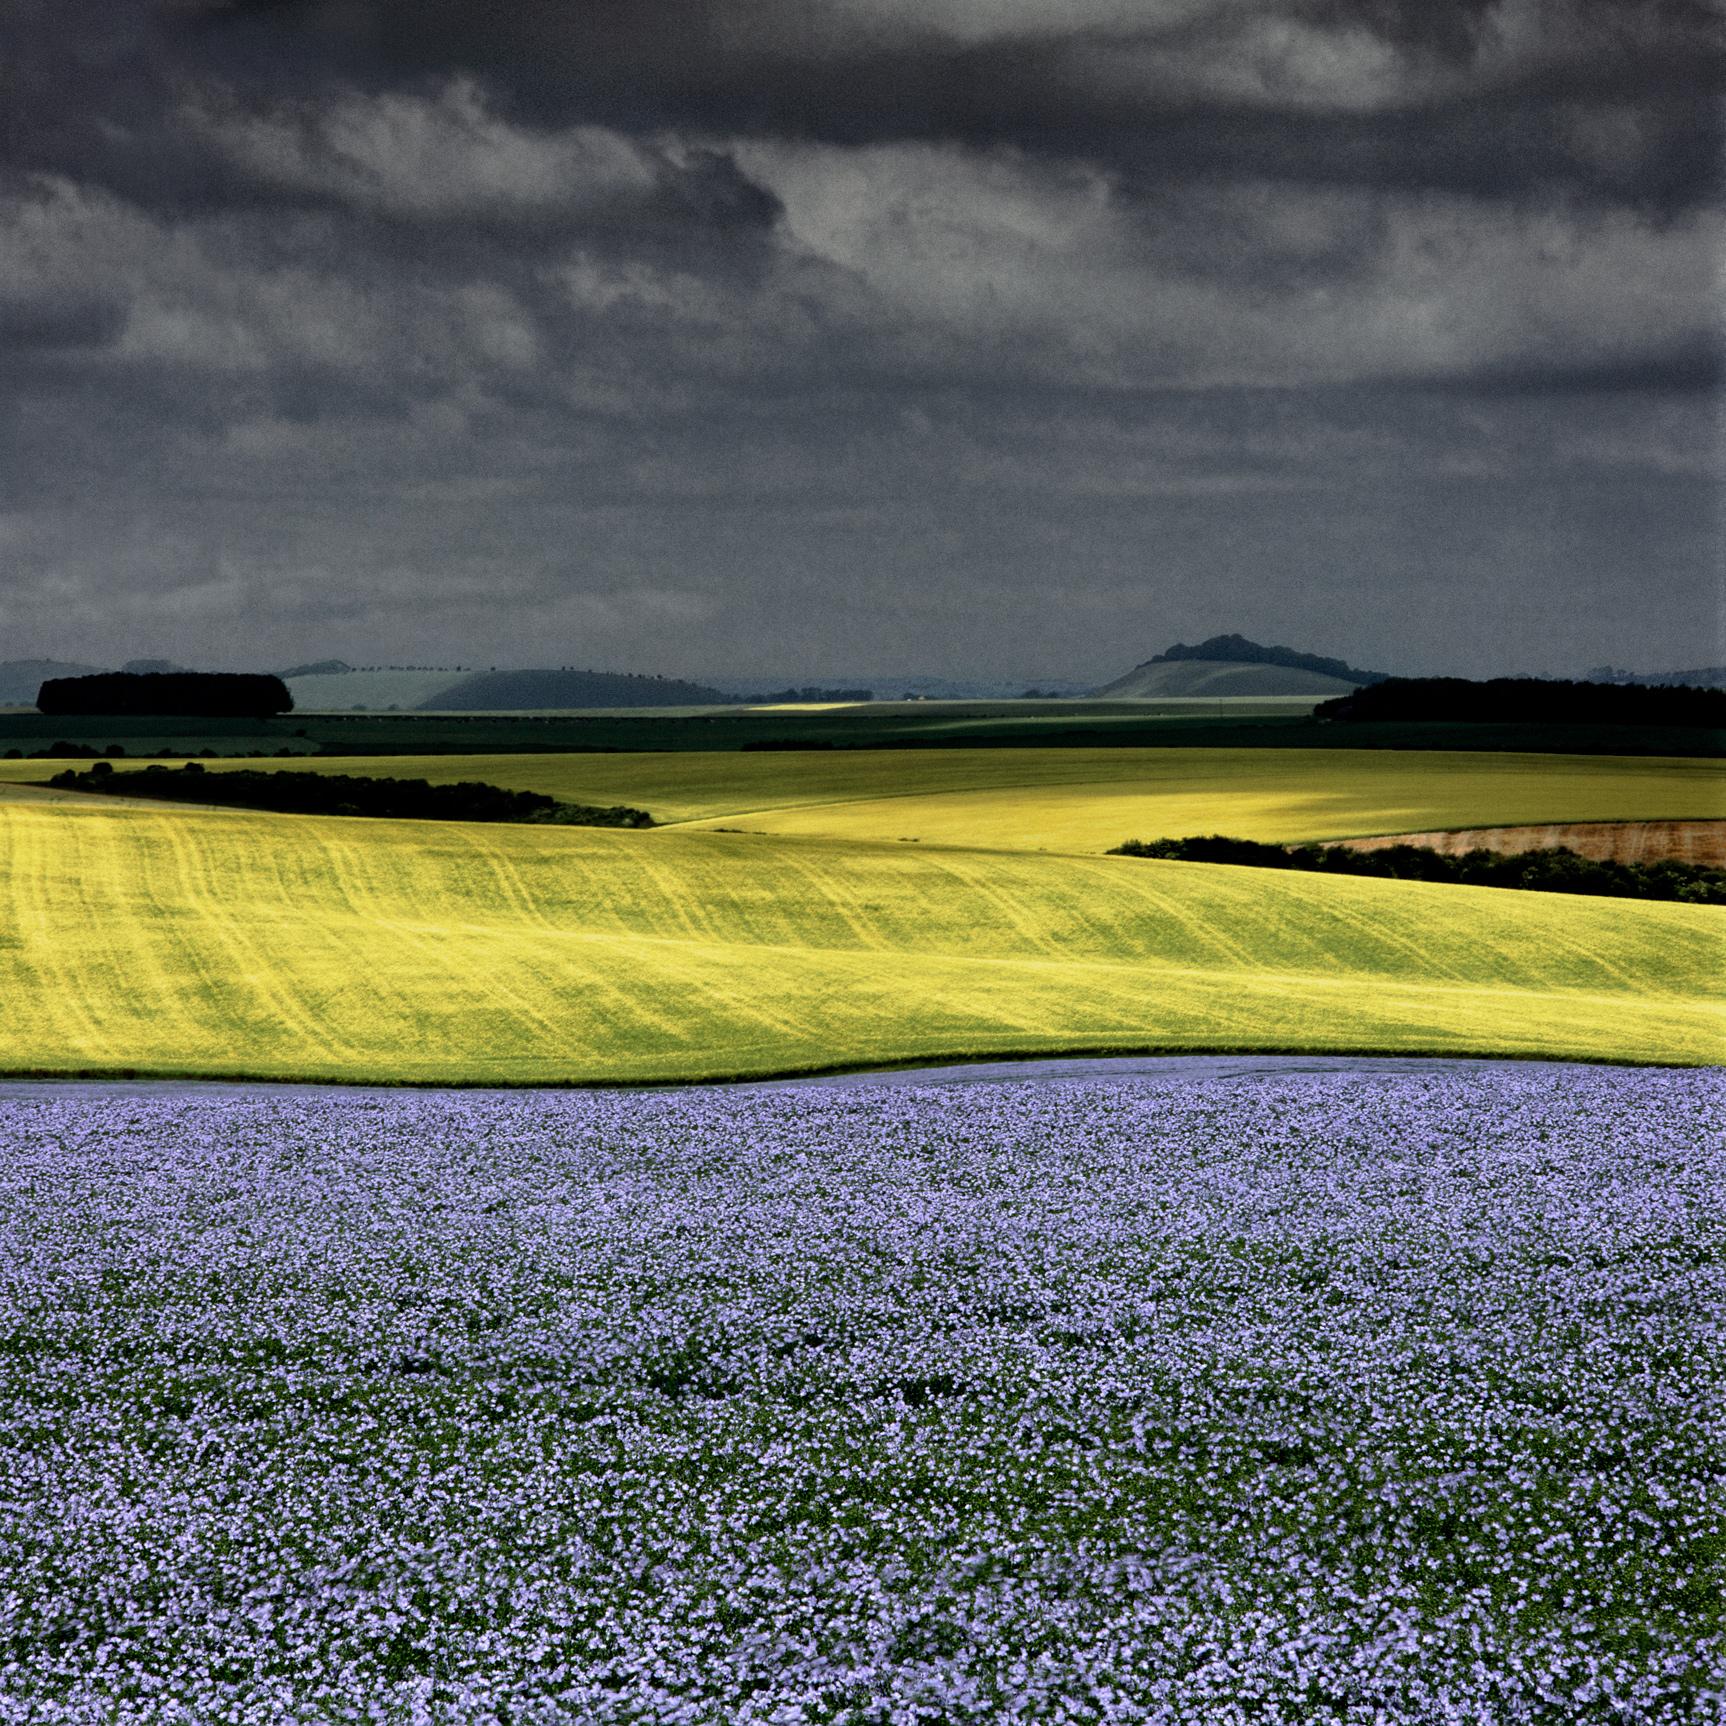 Chicklade, England (060015)